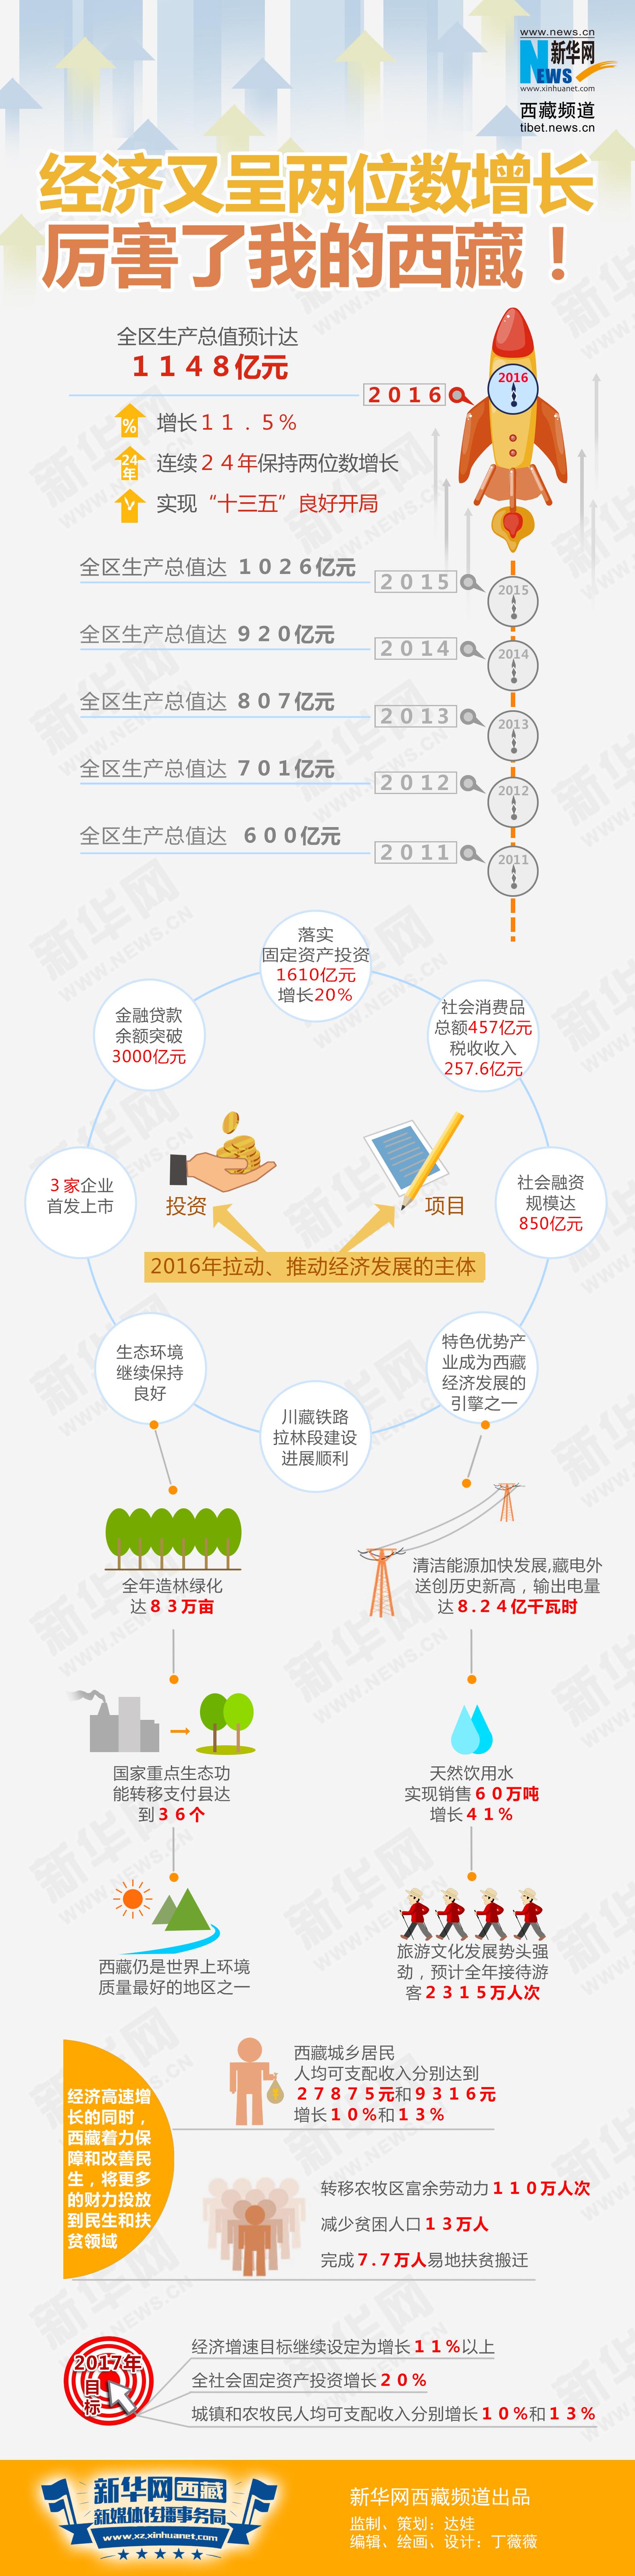 数据新闻:一图看懂2016西藏经济年报